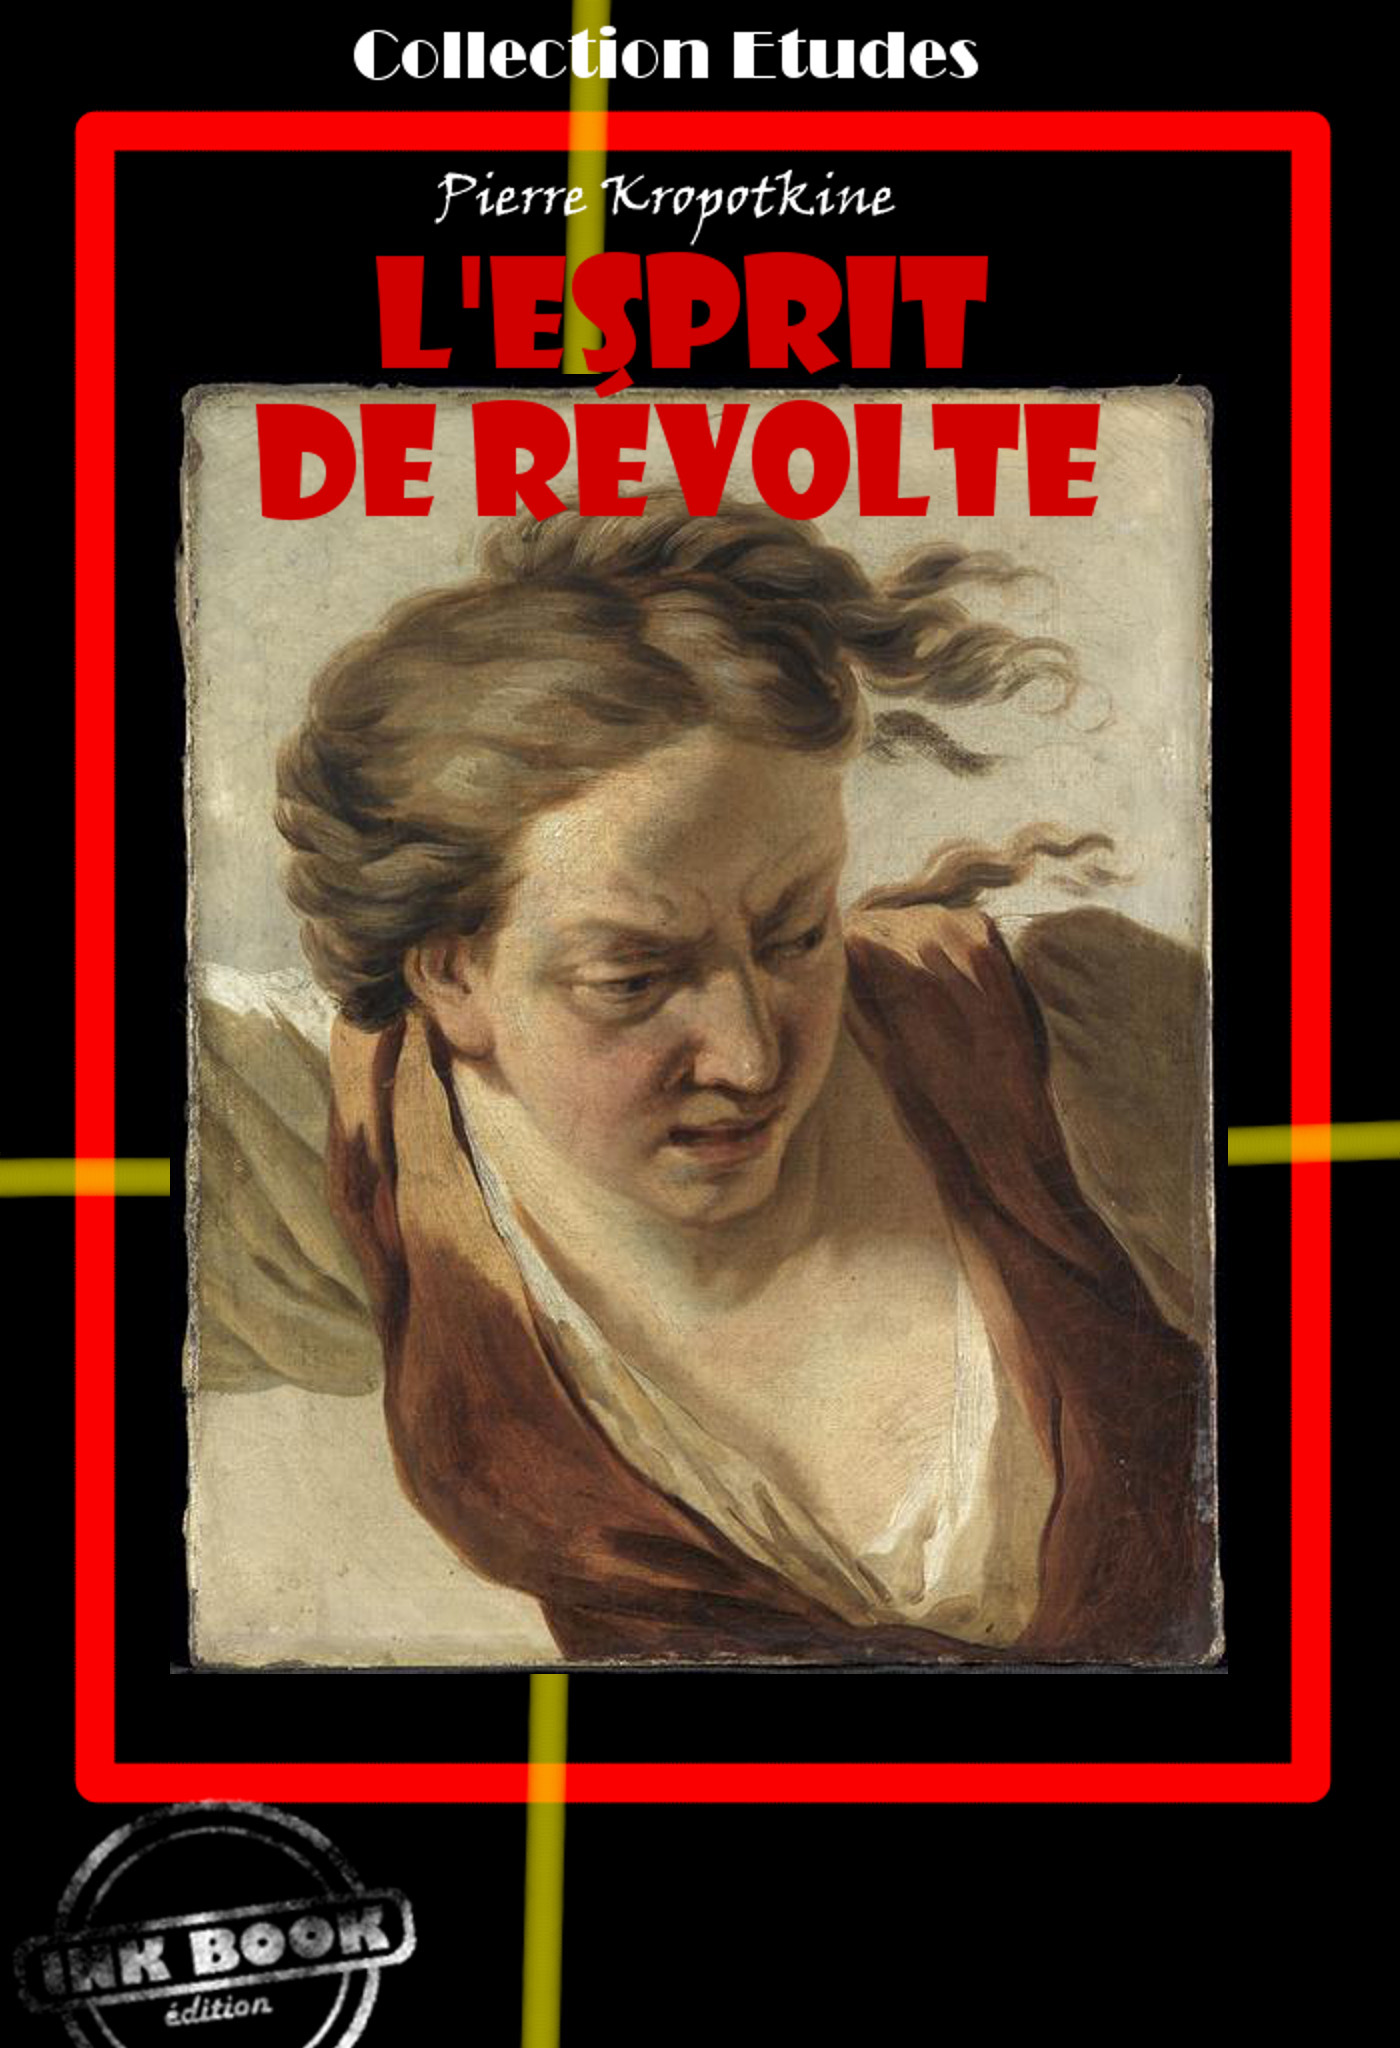 L'esprit de révolte